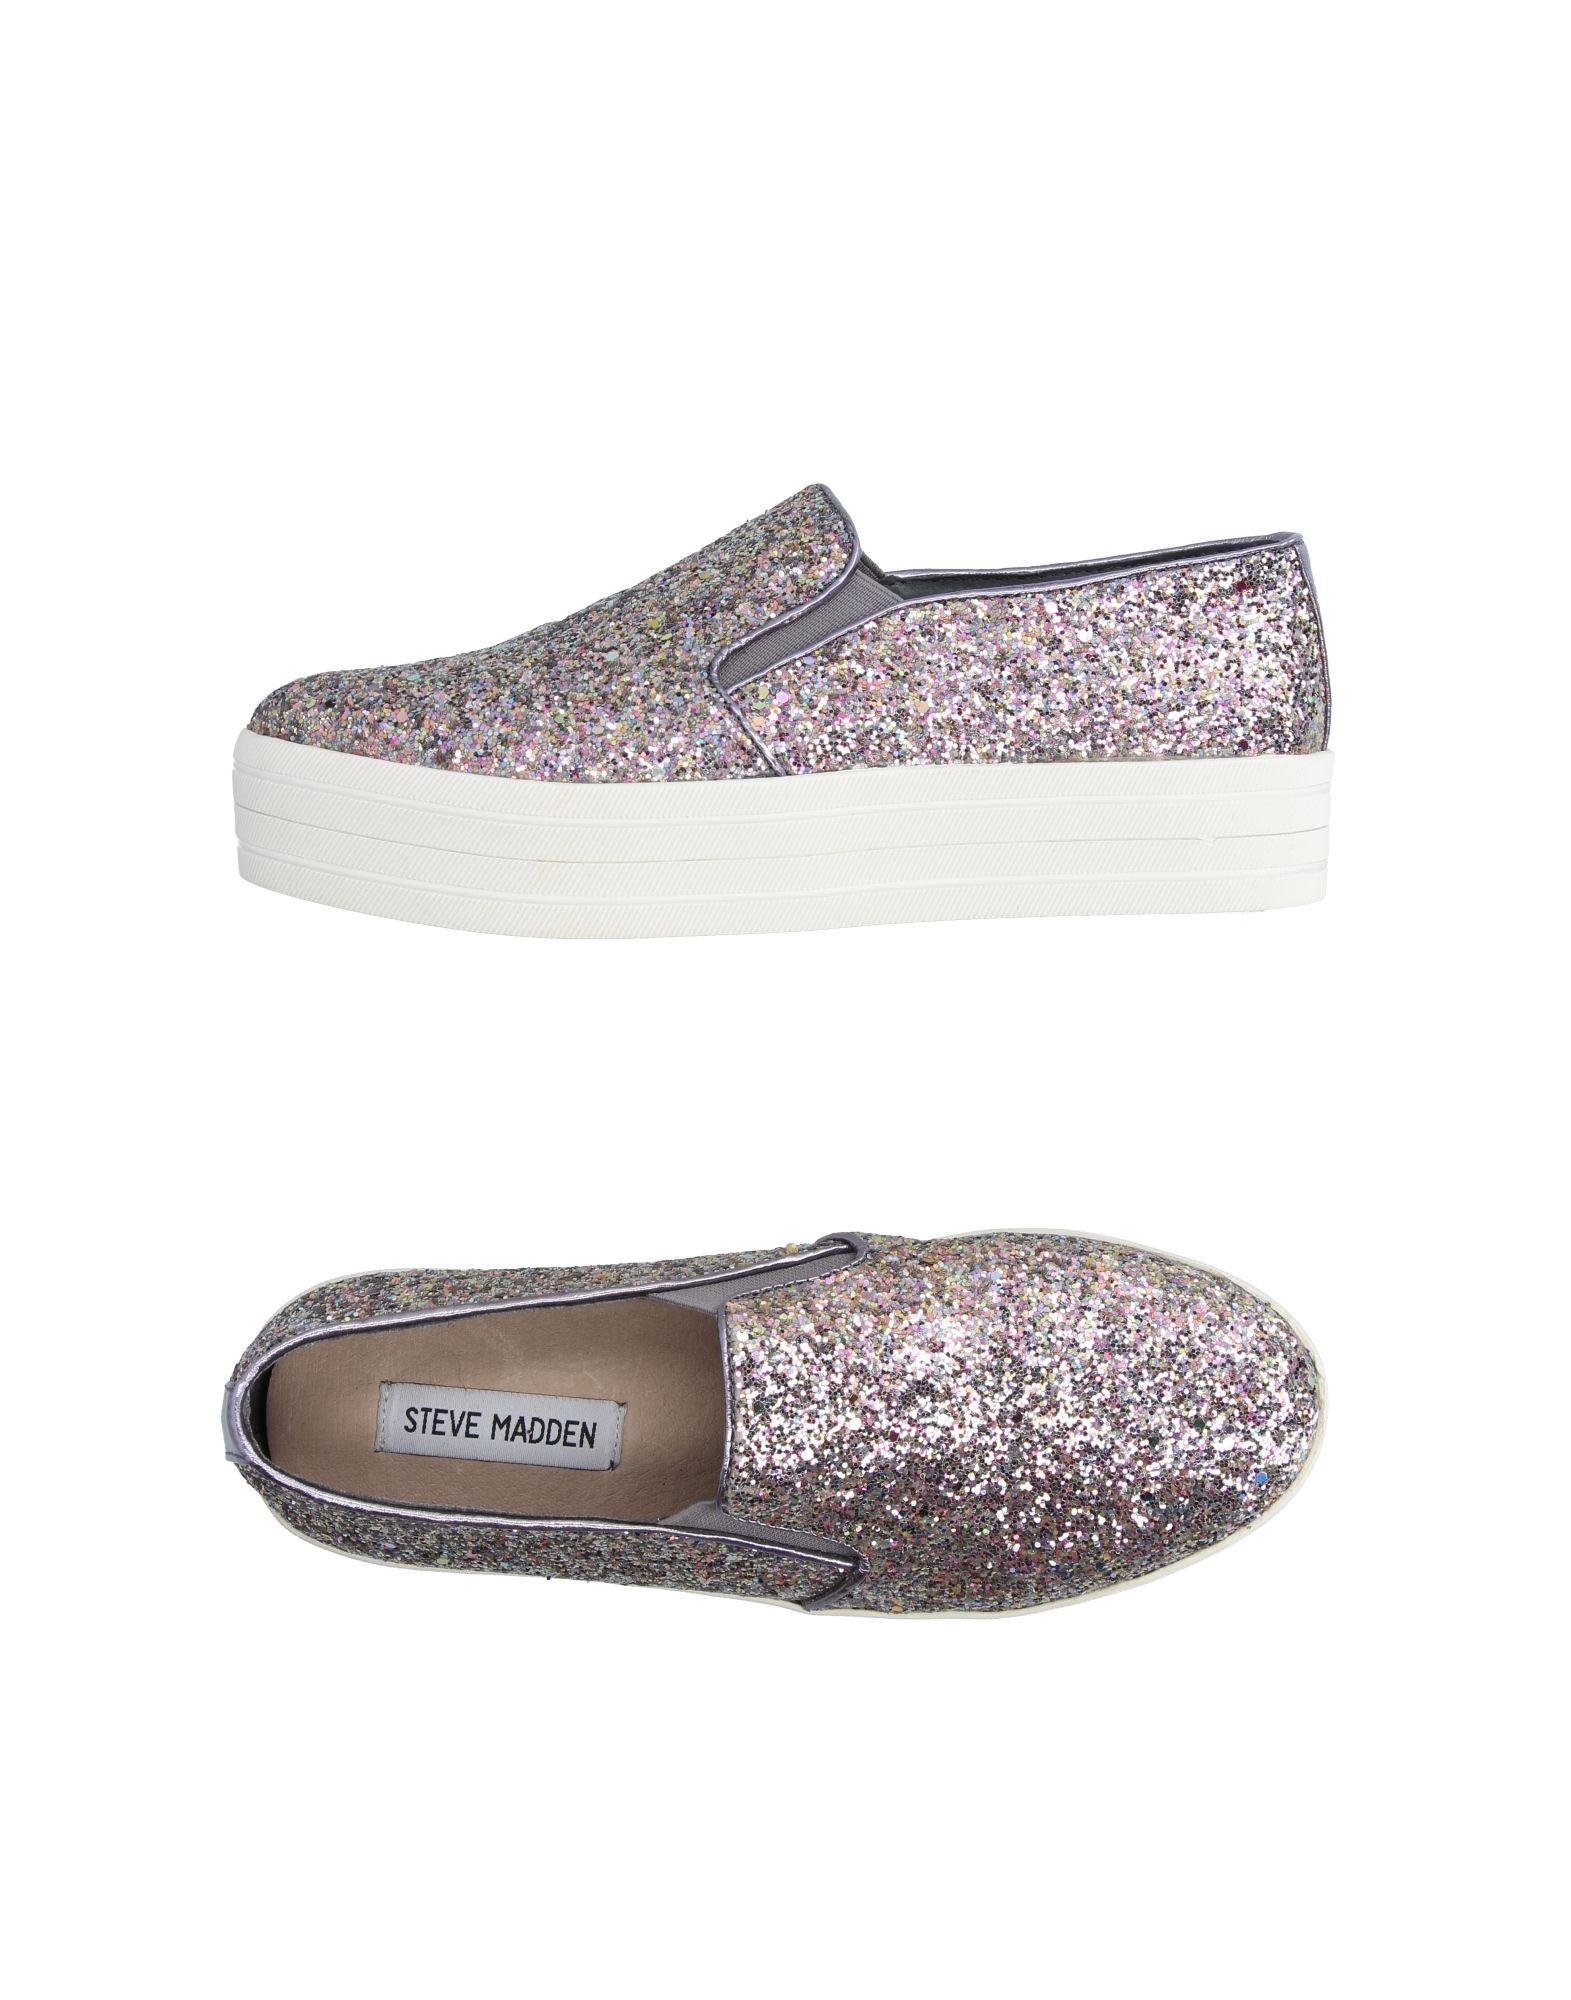 Steve Madden Sneakers Damen  11229629FH Gute Qualität beliebte Schuhe Schuhe beliebte 309ed8